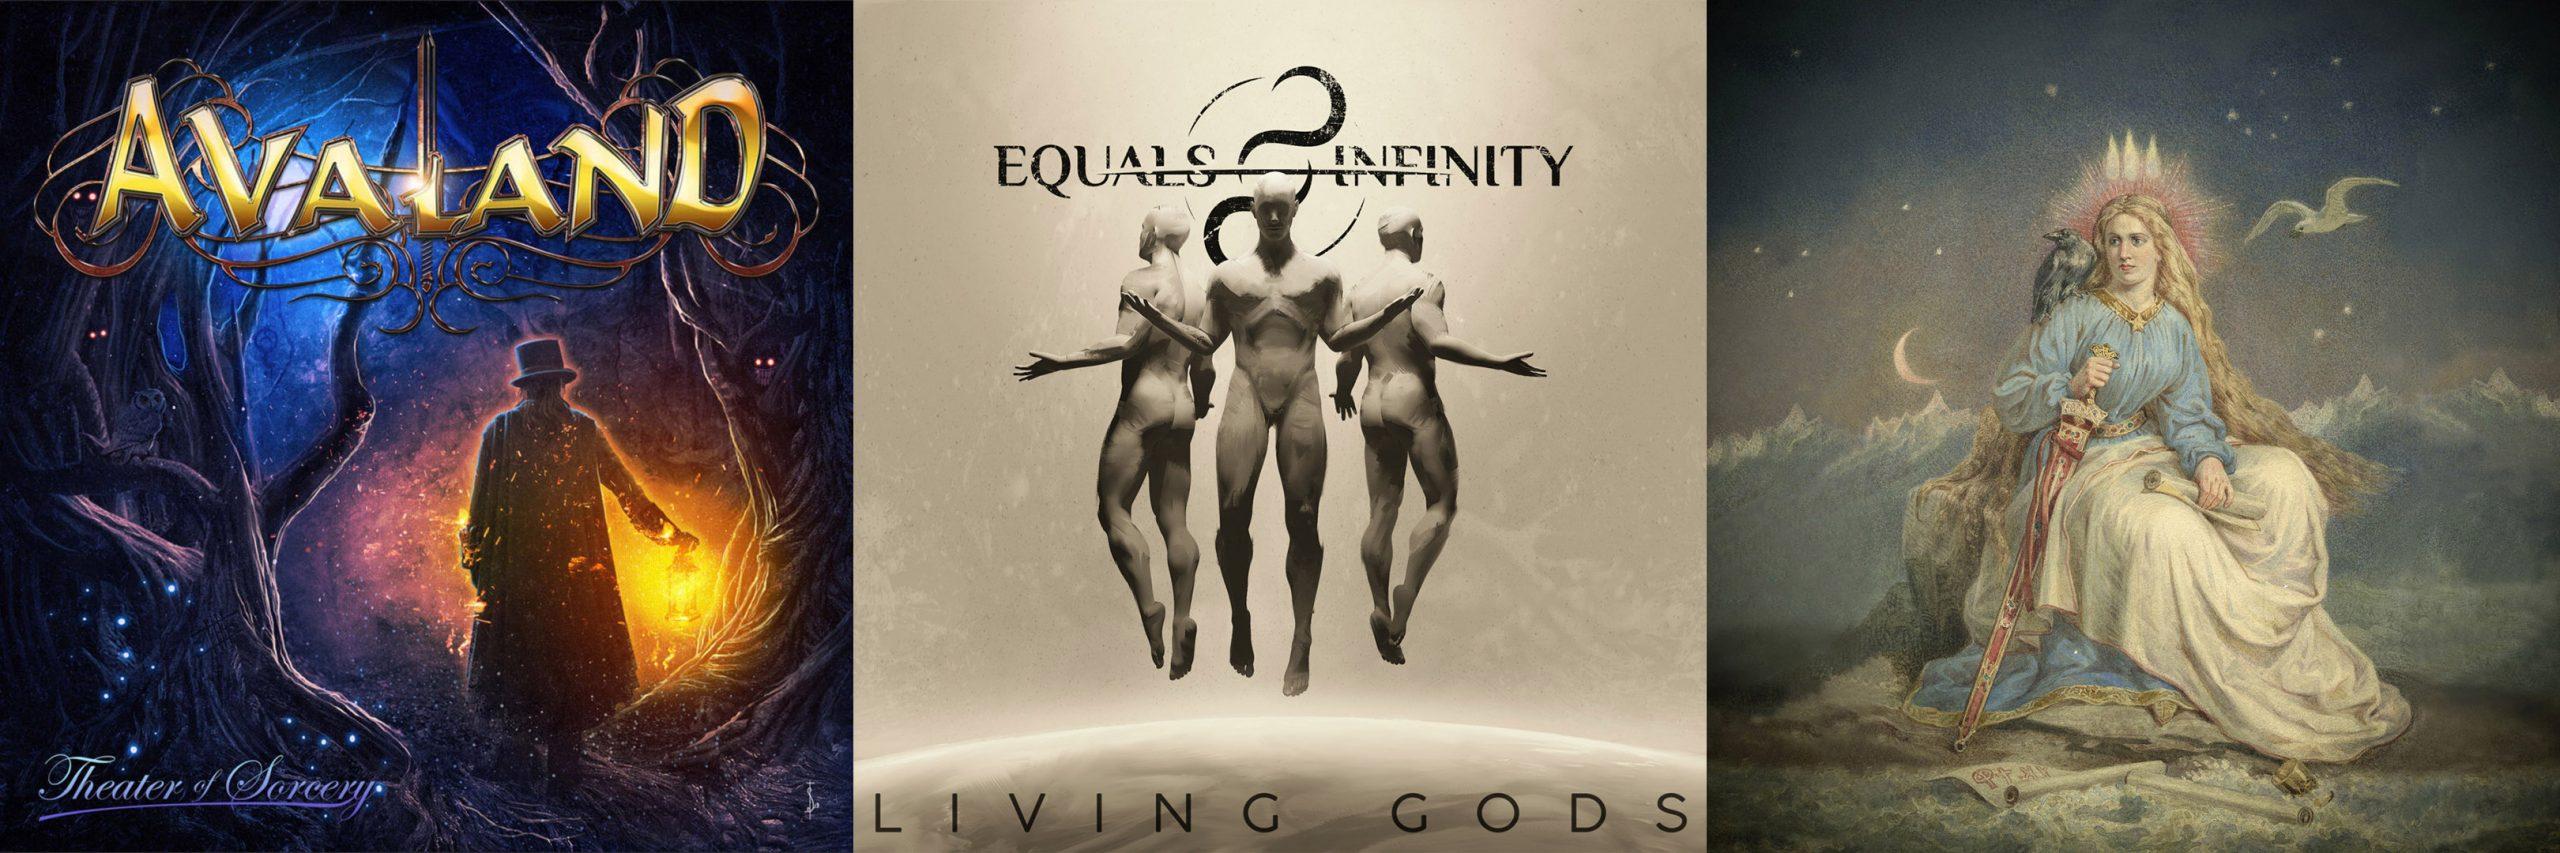 Avaland / Equals Infinity / Sólstafir